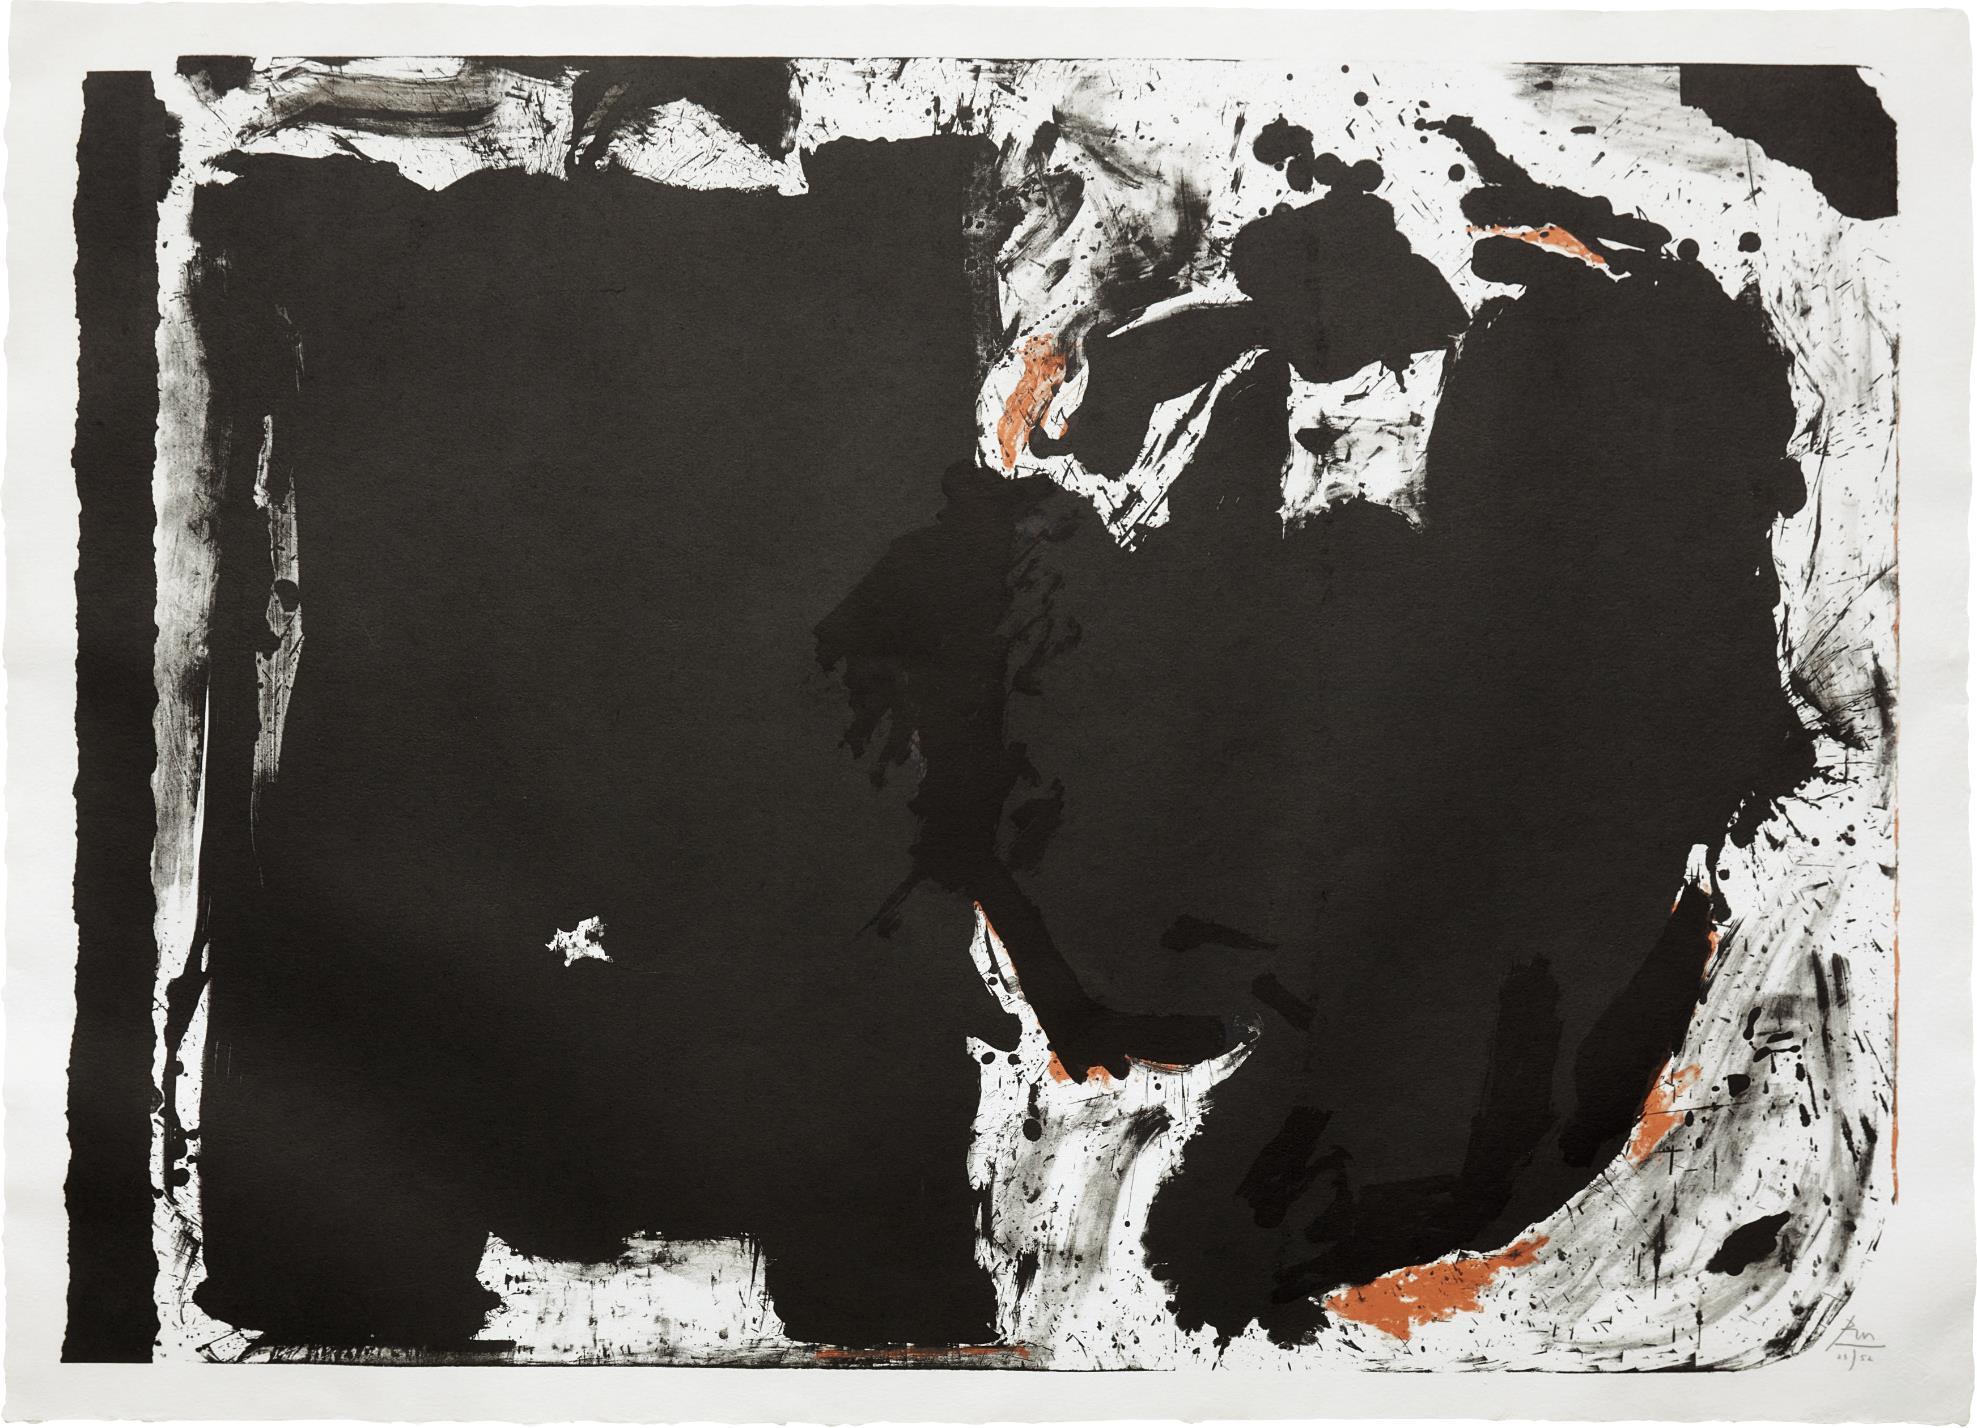 Robert Motherwell-Lament for Lorca-1982